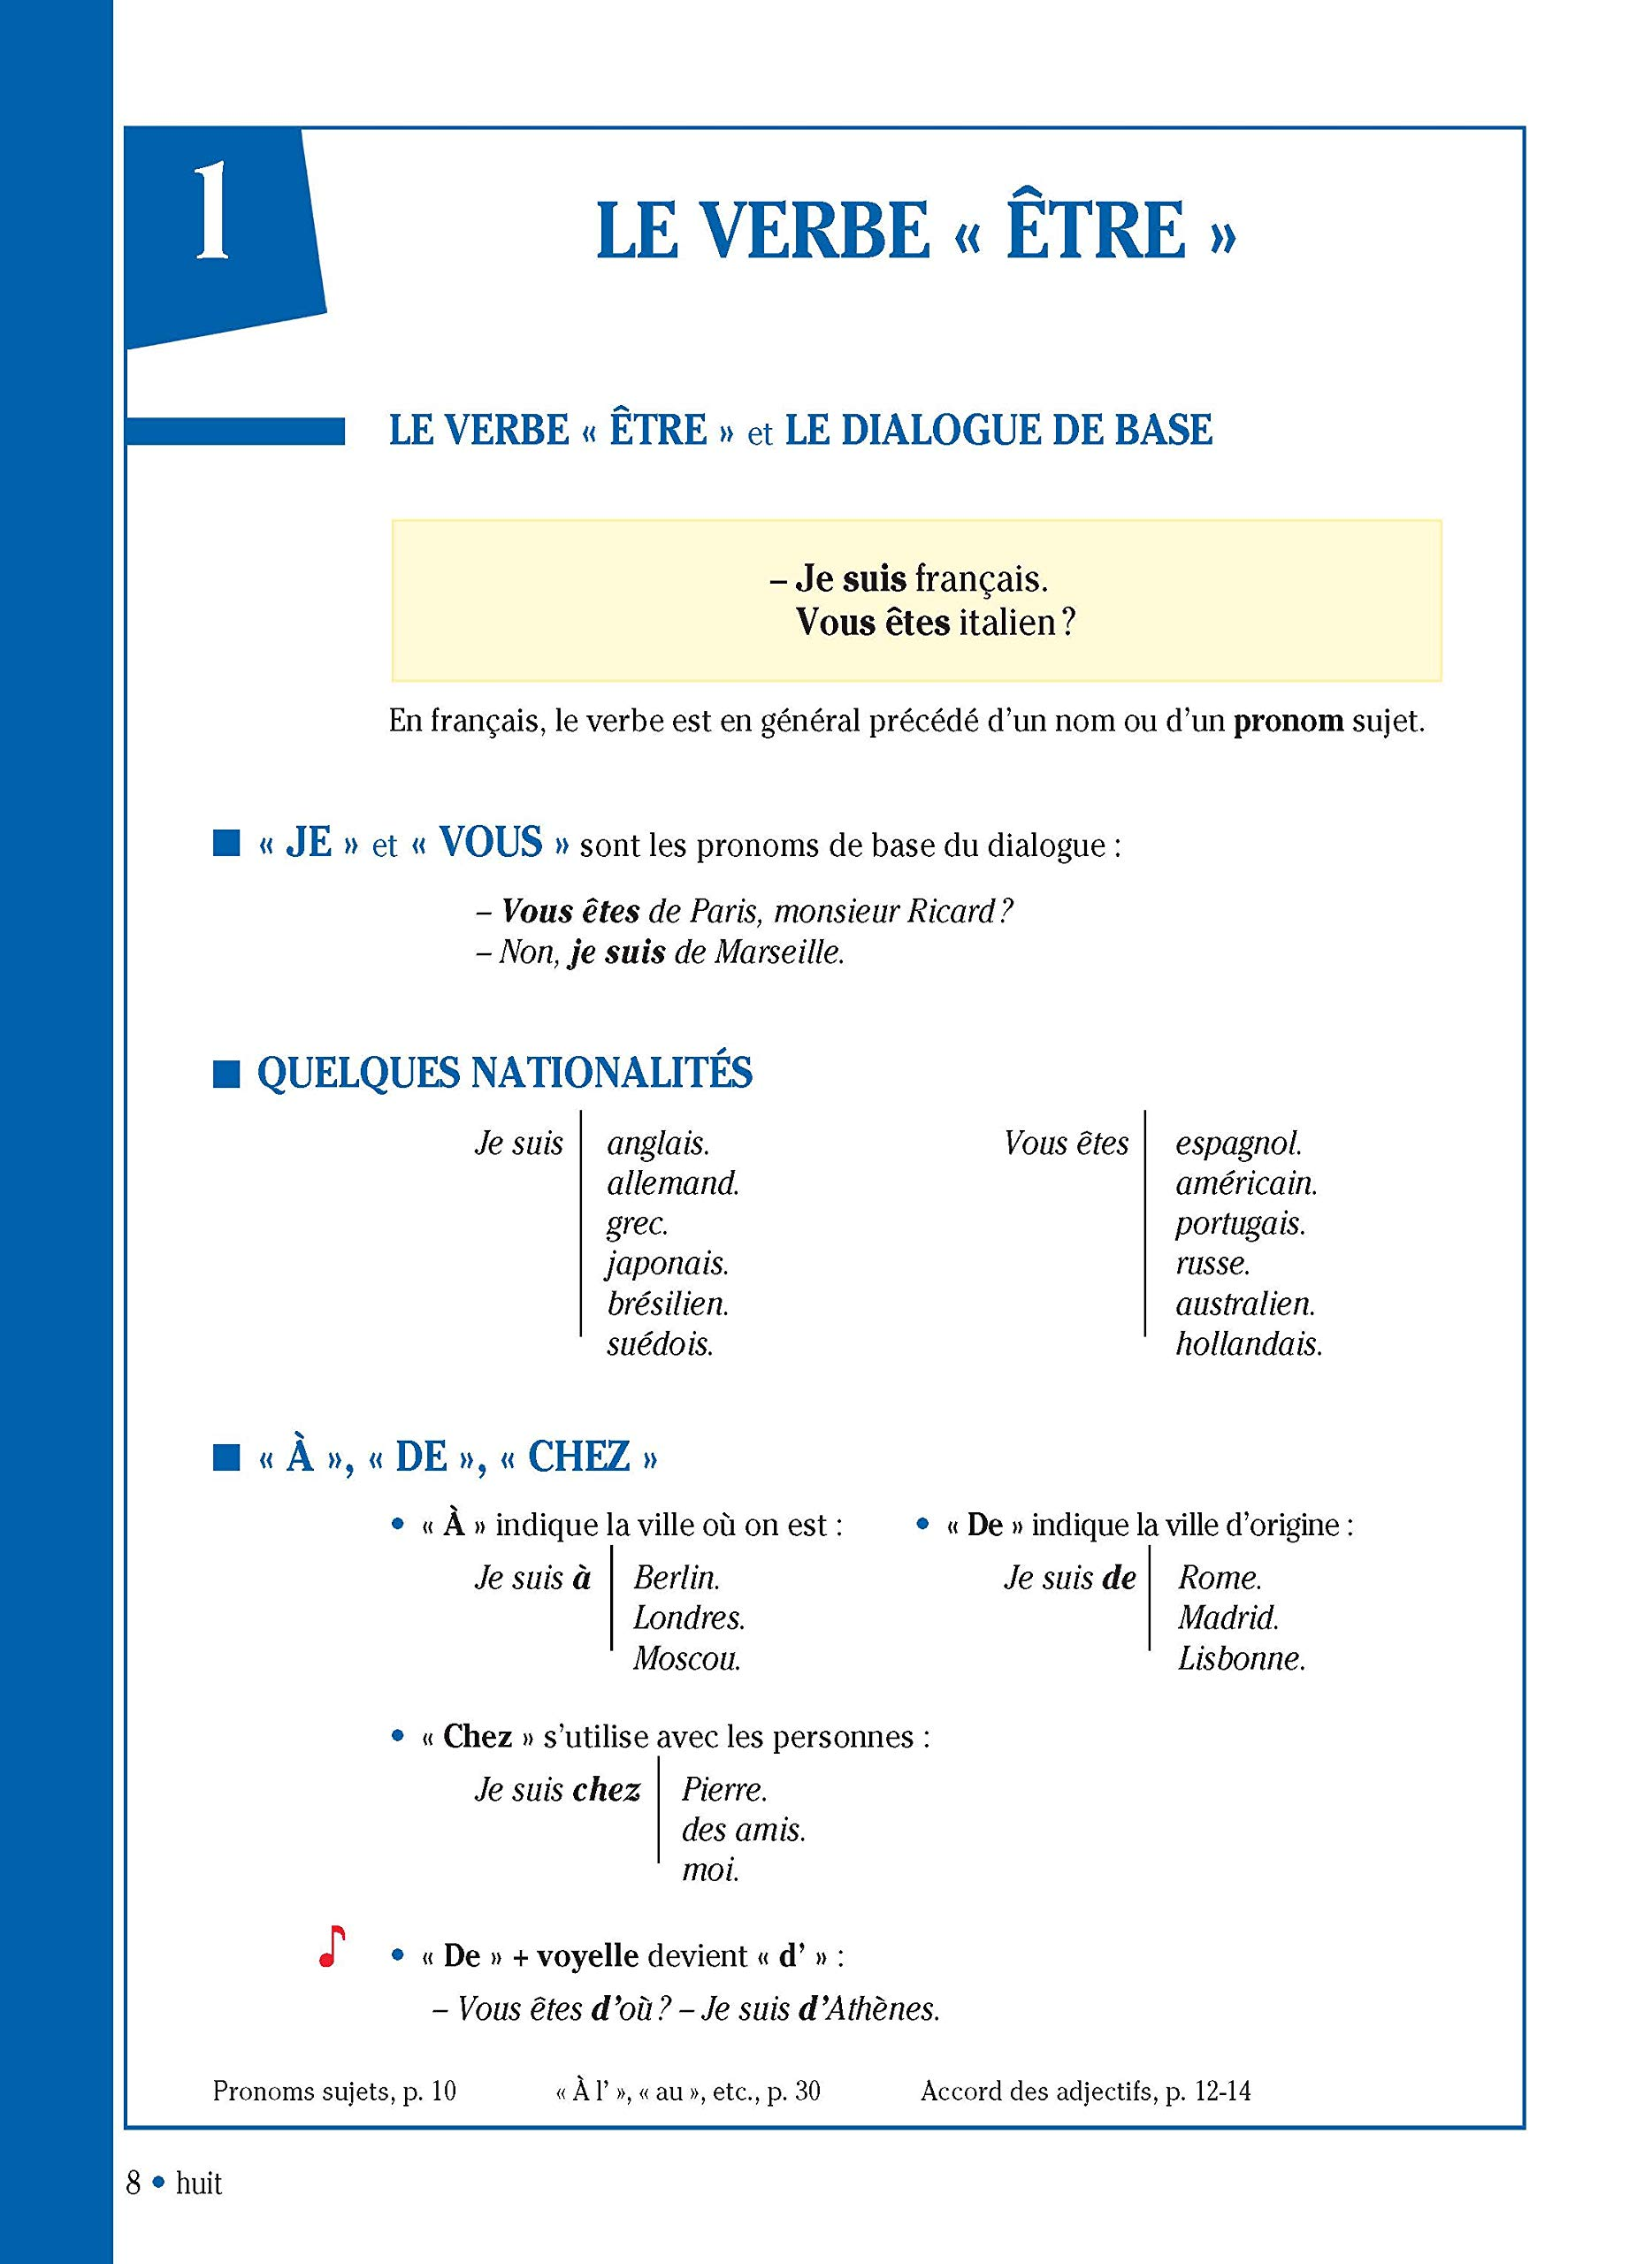 Grammaire progressive du francais - Nouvelle edition: Livre intermediaire (French Edition): Maia Gregoire: 9782090381030: Amazon.com: Books